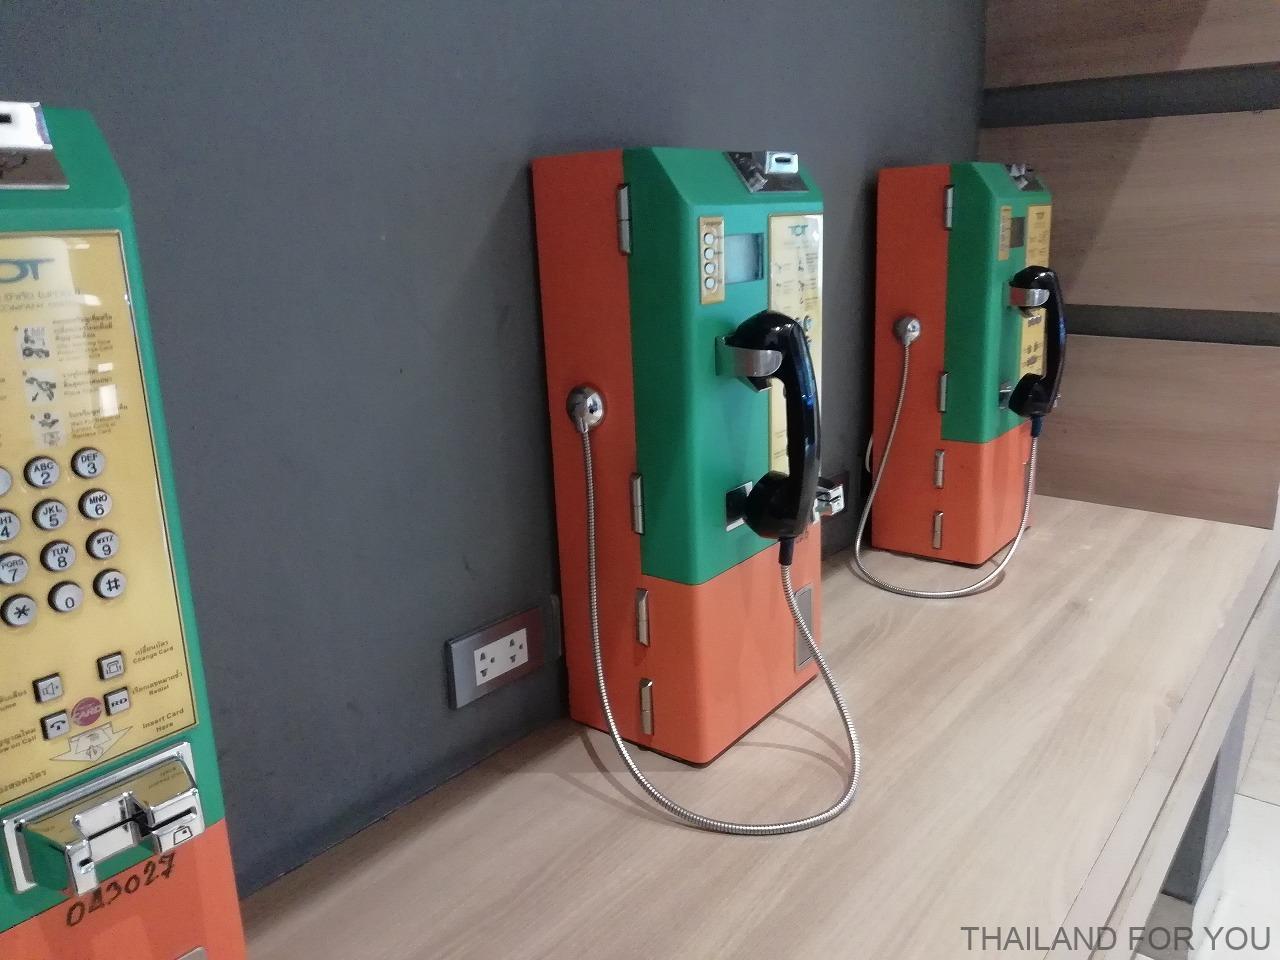 タイ 公衆電話 場所 使い方